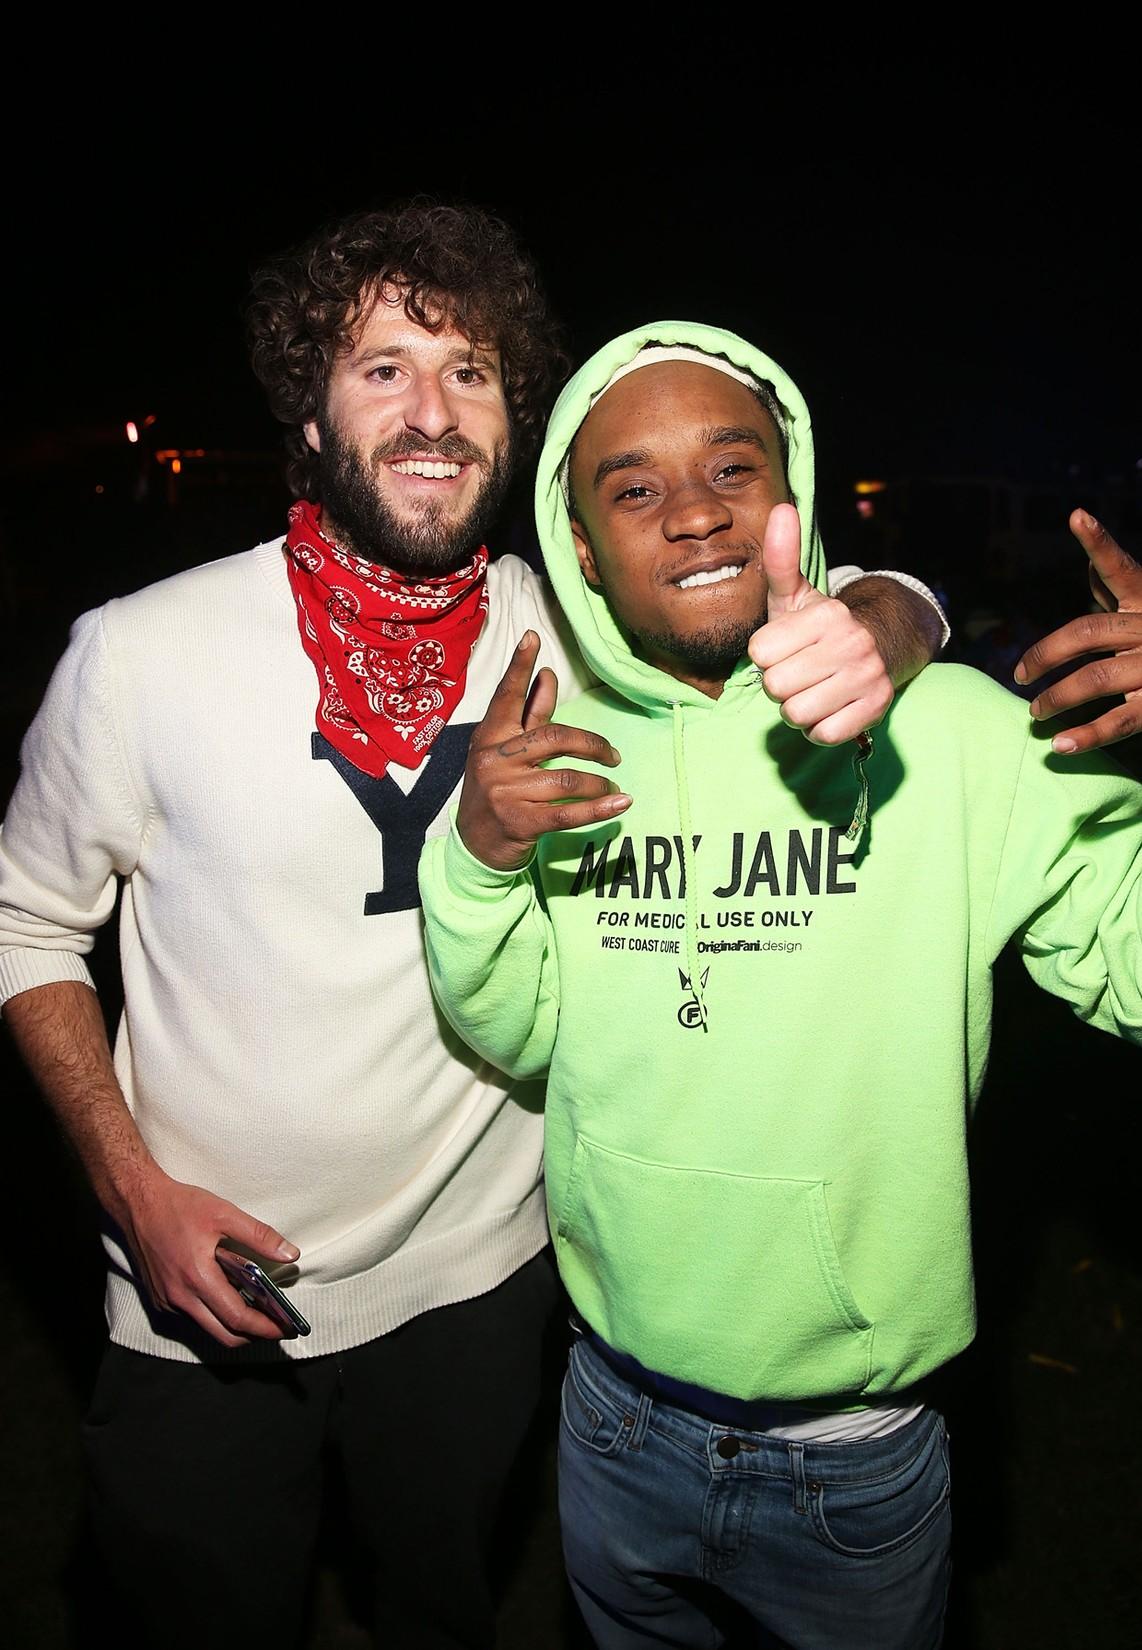 Lil Dicky and Slim Jxmmi